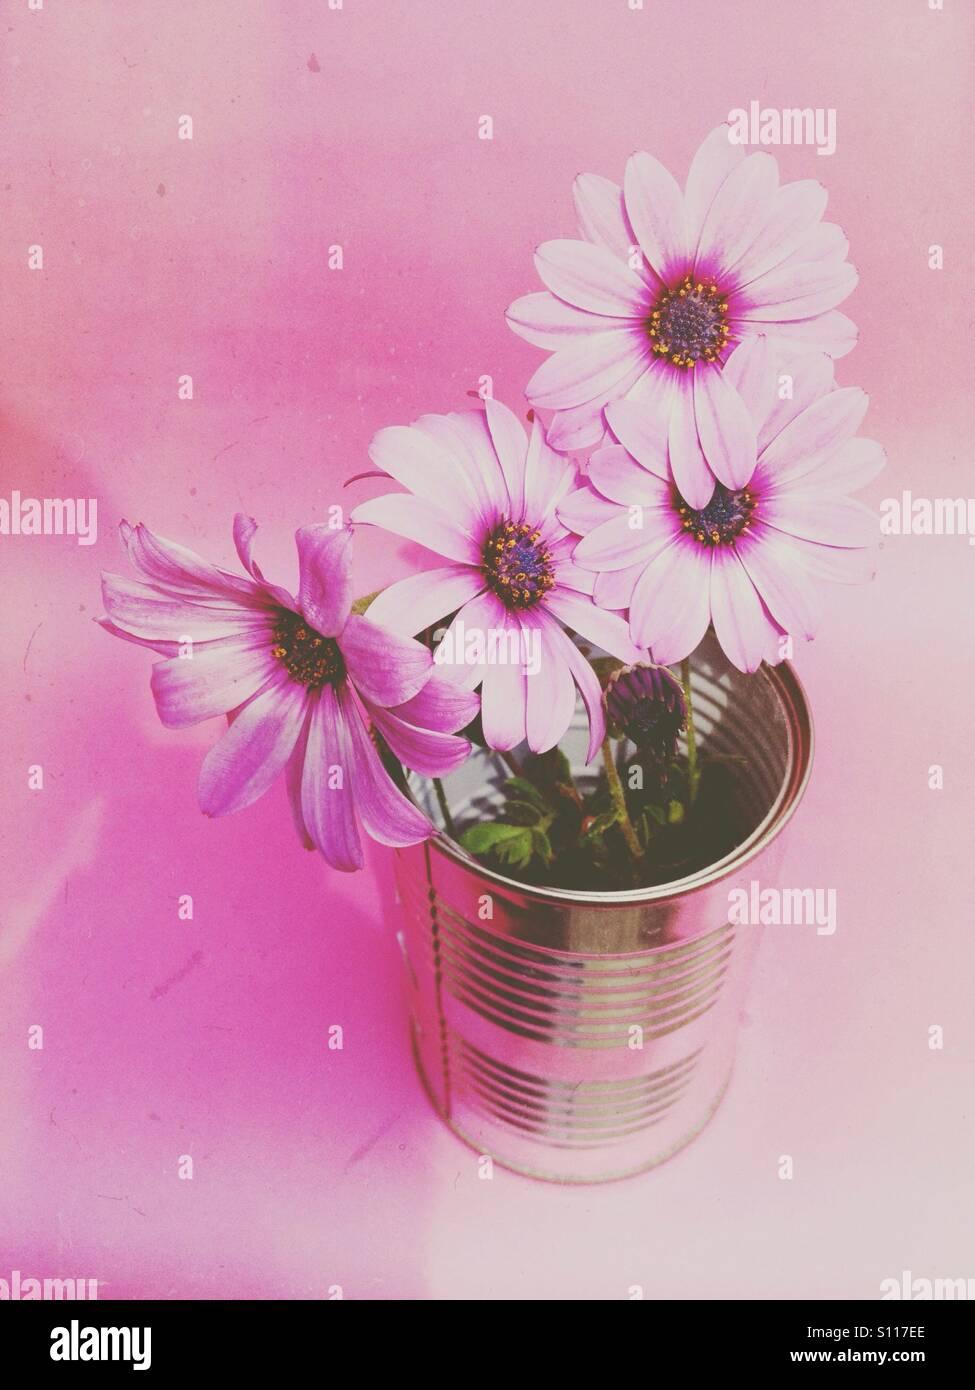 Blumen-Gänseblümchen mit einem Filter angewendet Stockfoto